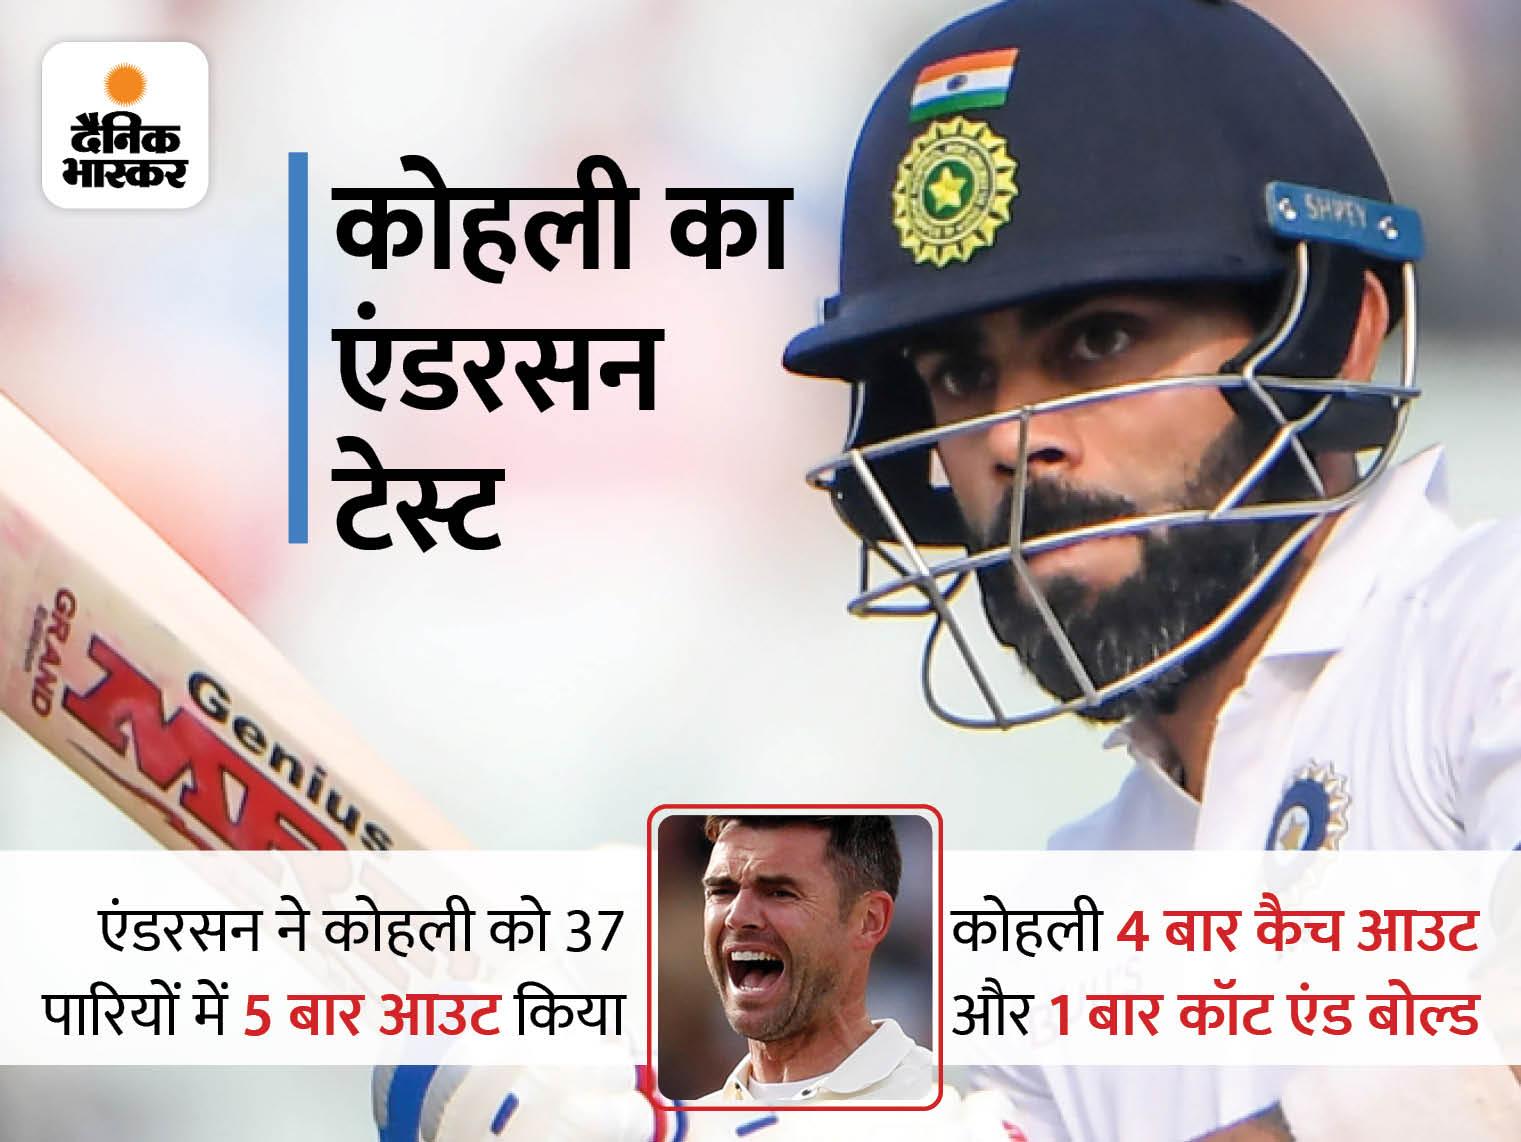 इंडियन बैट्समैन के सामने एंडरसन-ब्रॉड की चुनौती, इन दोनों ने इंग्लिश पिच पर पिछले 10 साल में 494 विकेट चटकाए क्रिकेट,Cricket - Dainik Bhaskar